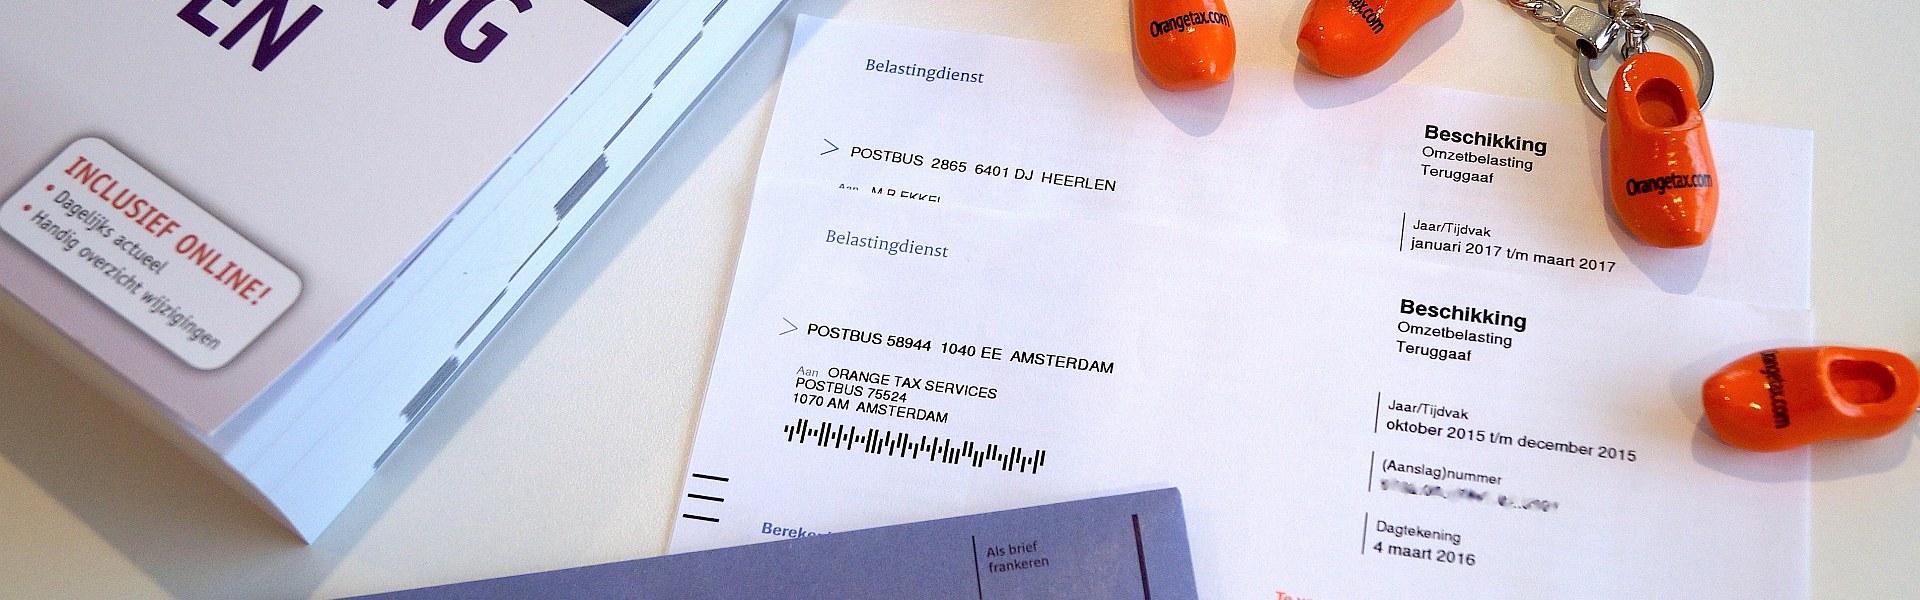 Declaración del impuesto en Holanda